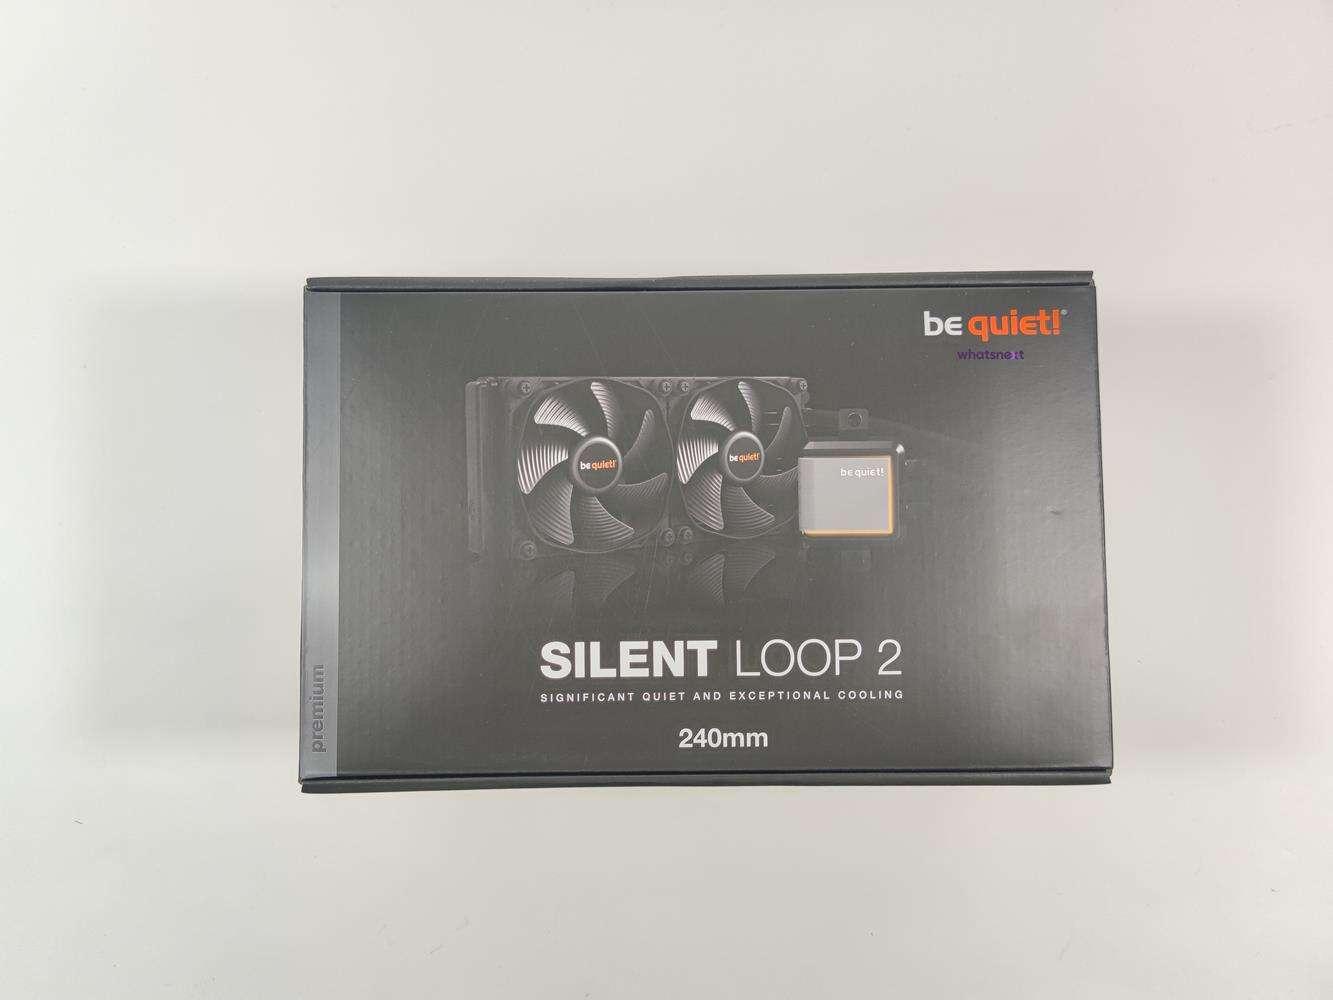 test be quiet! Silent Loop 2 240 2, recenzja be quiet! Silent Loop 2 240 2, opinia be quiet! Silent Loop 2 240 2